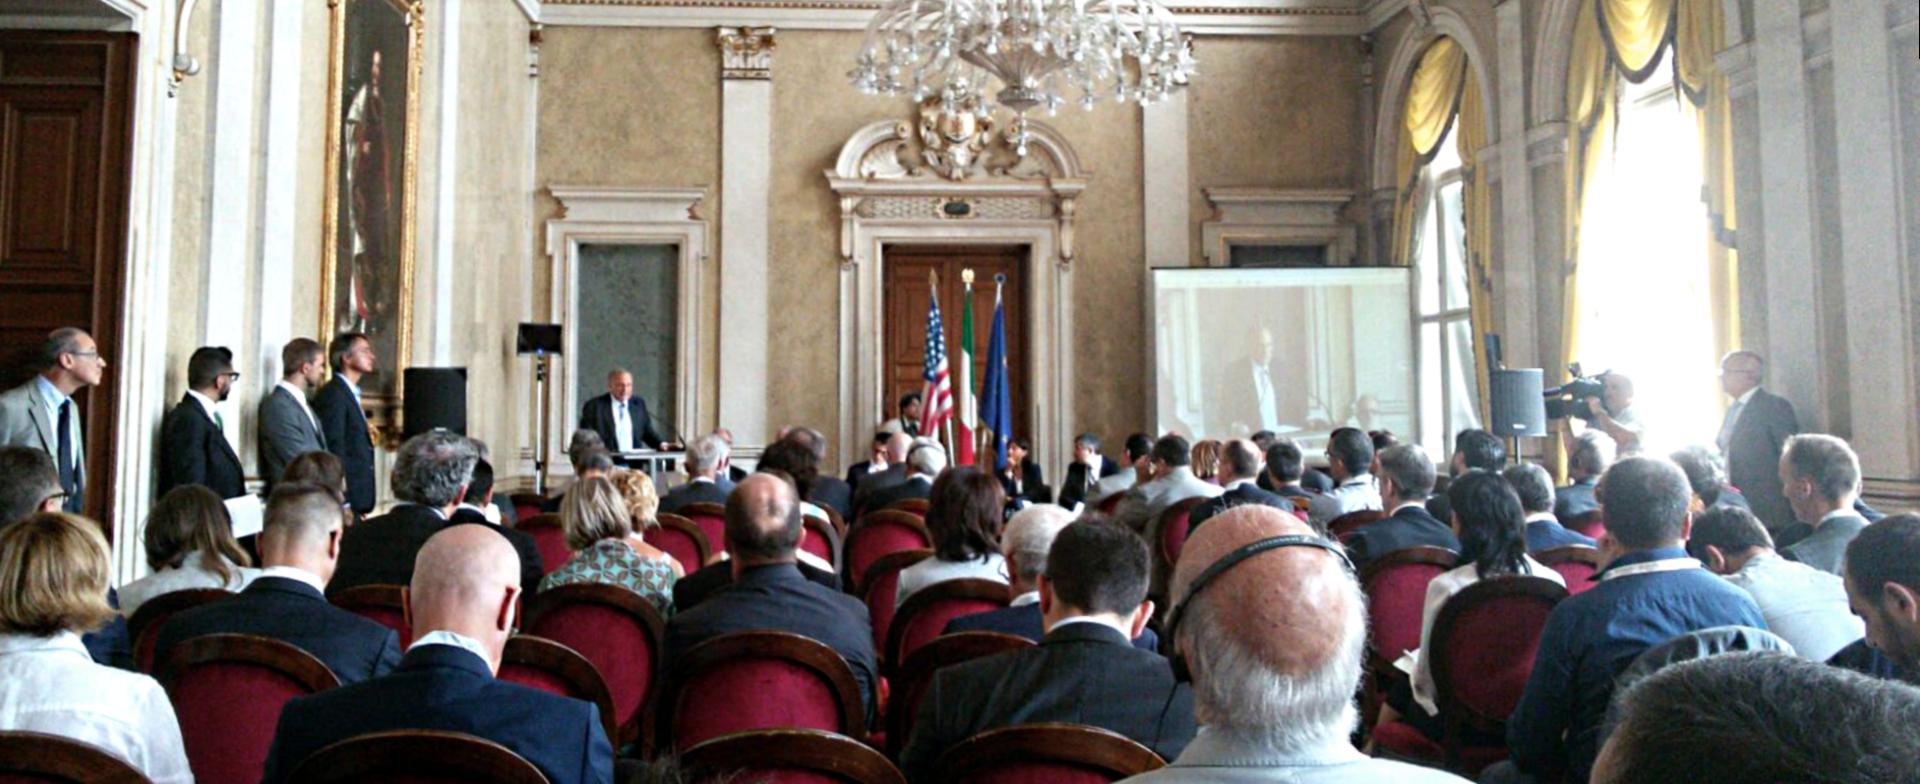 https://www.areasciencepark.it/blog/2016/07/28/italia-usa-in-corso-il-forum-bilaterale-organizzato-da-regione-fvg-e-area-science-park/